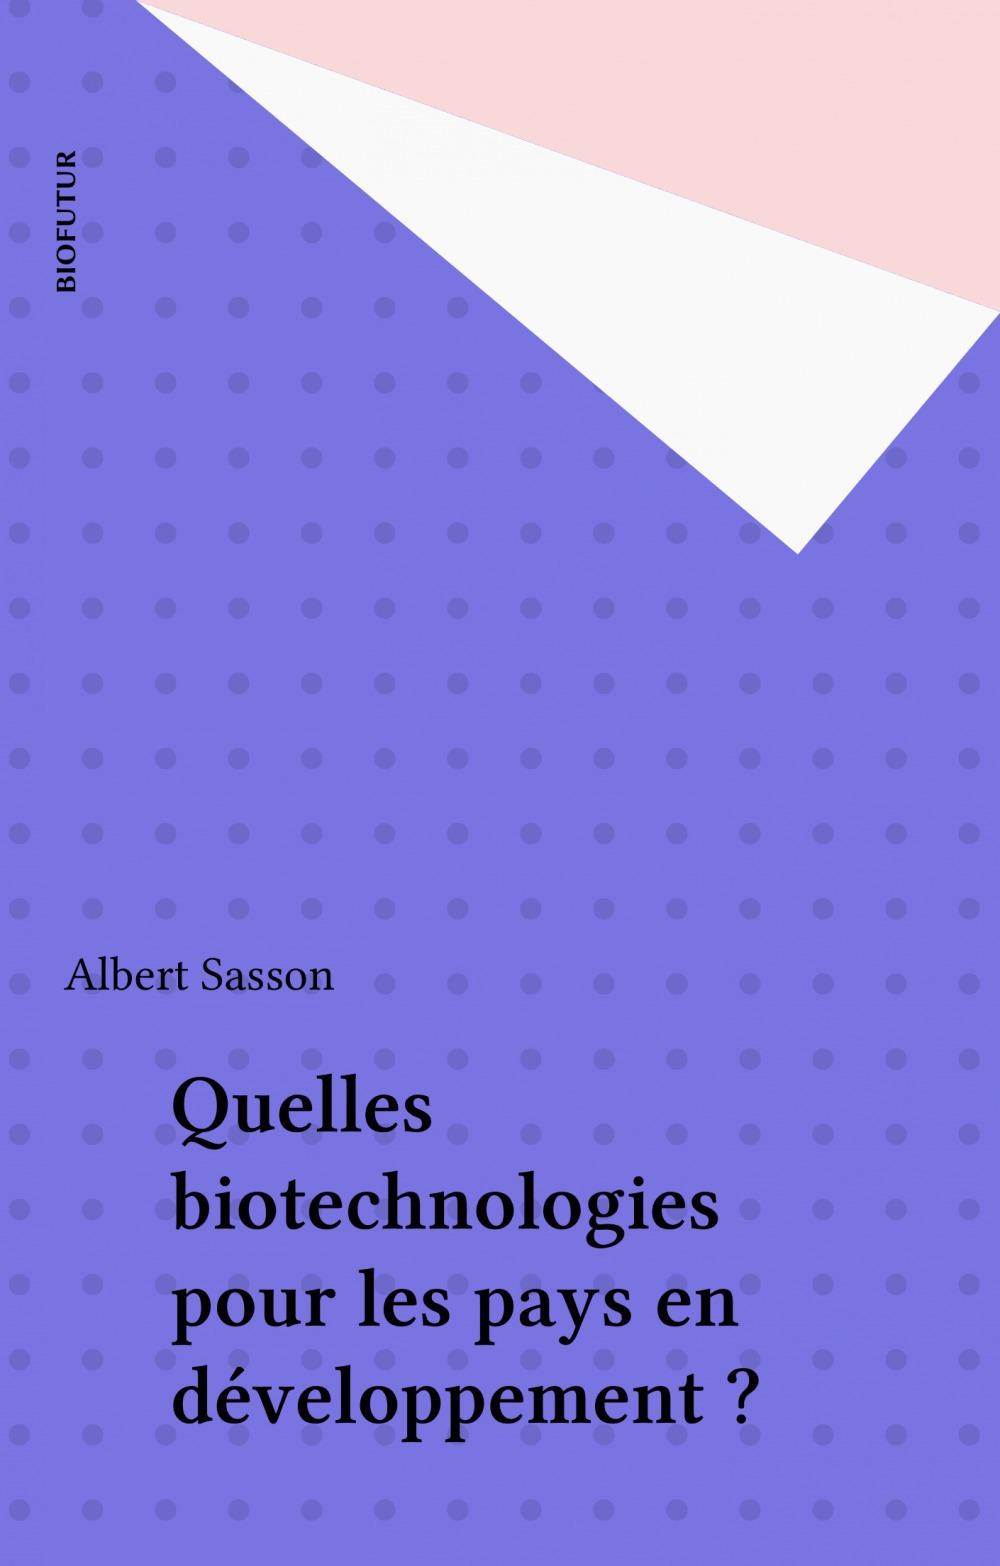 Quelles biotechnologies pour les pays en développement ?